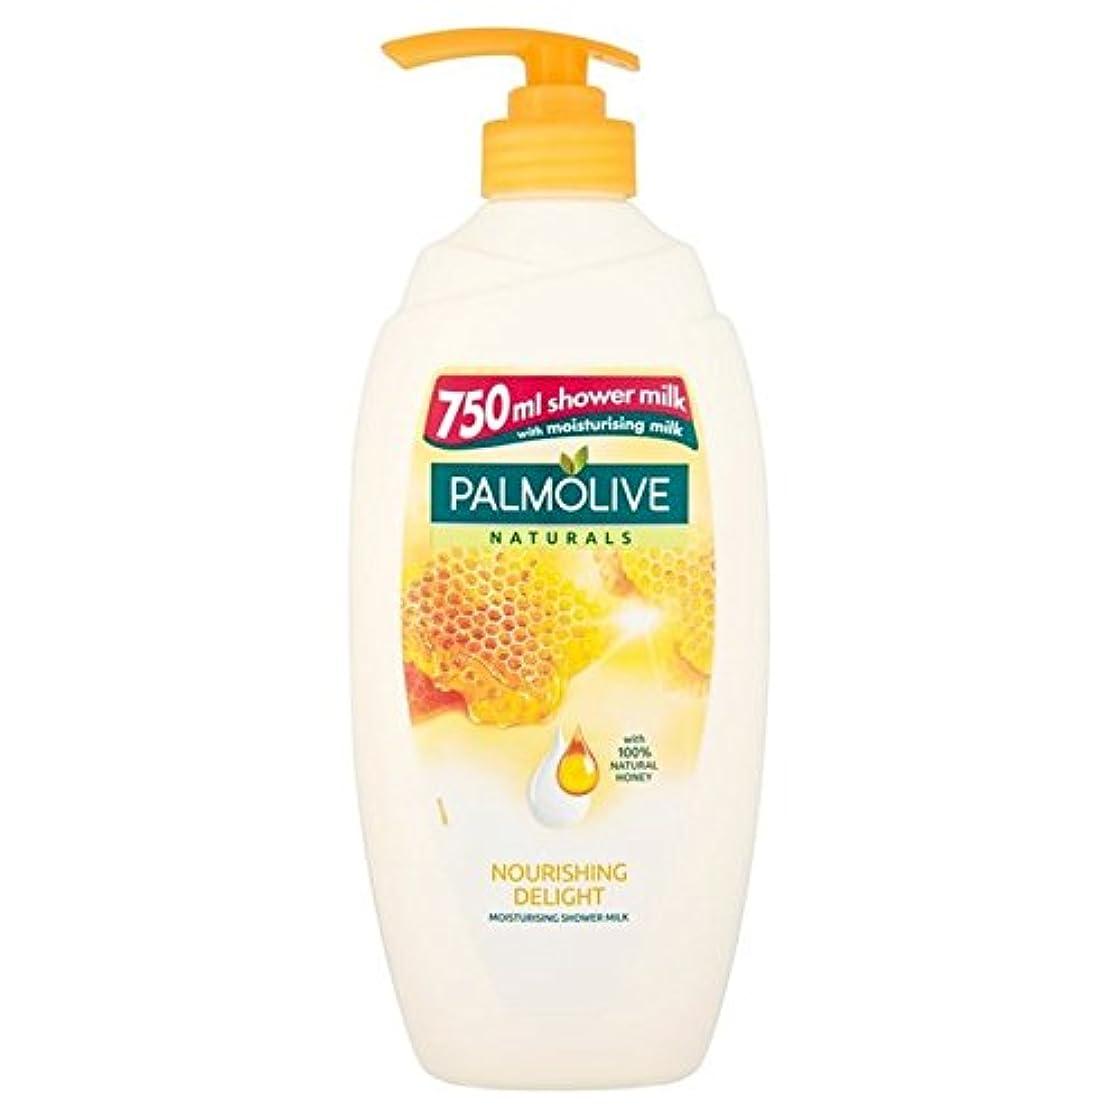 賢明な隠エキゾチックPalmolive Naturals Nourishing Shower Naturals Milk with Honey 750ml - 蜂蜜の750ミリリットルとシャワーナチュラルミルク栄養パルモライブナチュラル [...